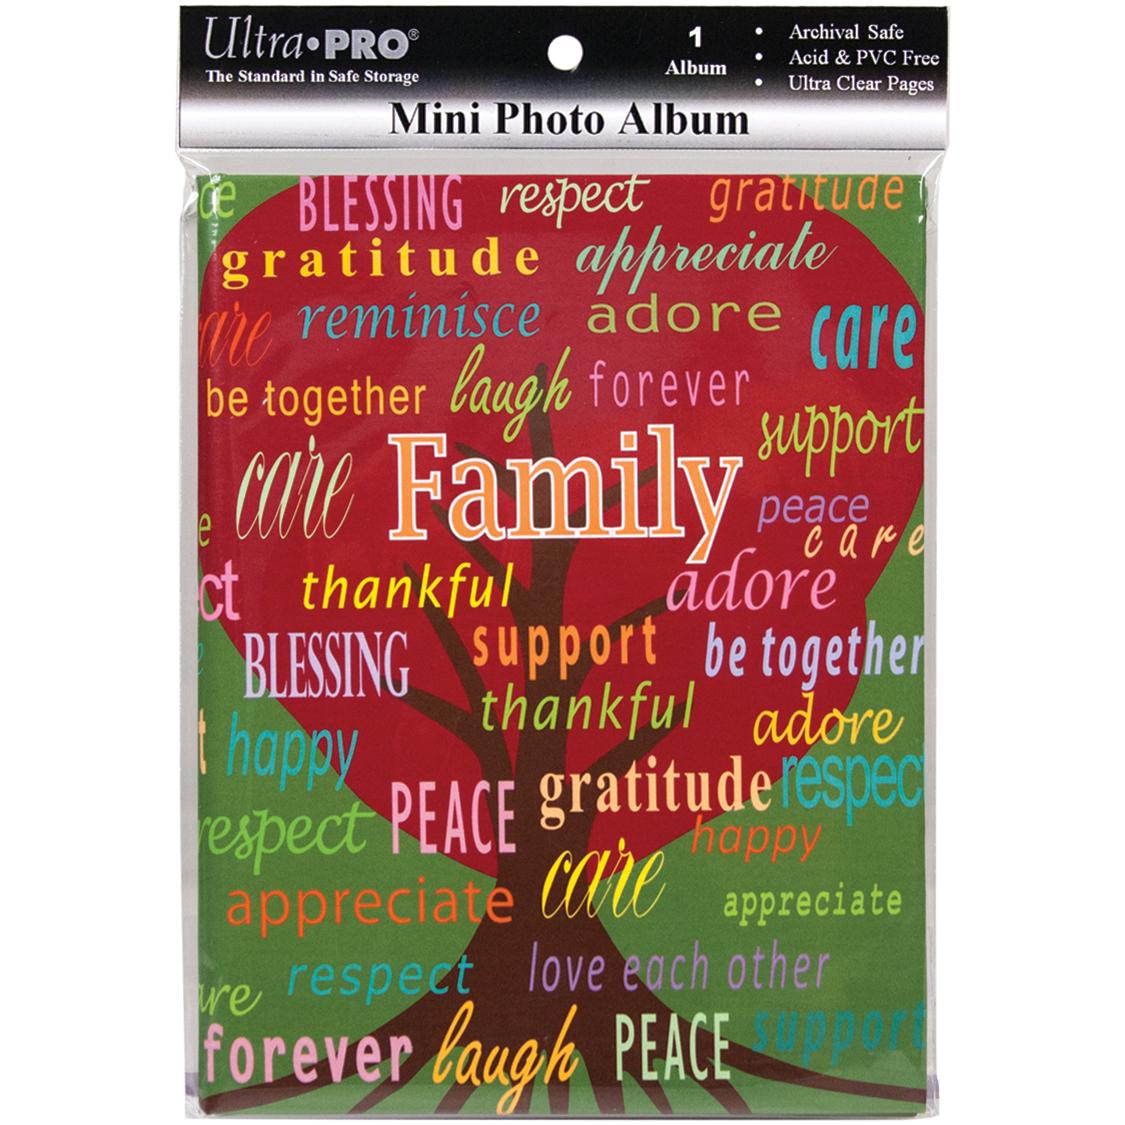 Ultra PRO 58200-R Mini Photo Album, 4 by 6-Inch, Family Multi-Colored